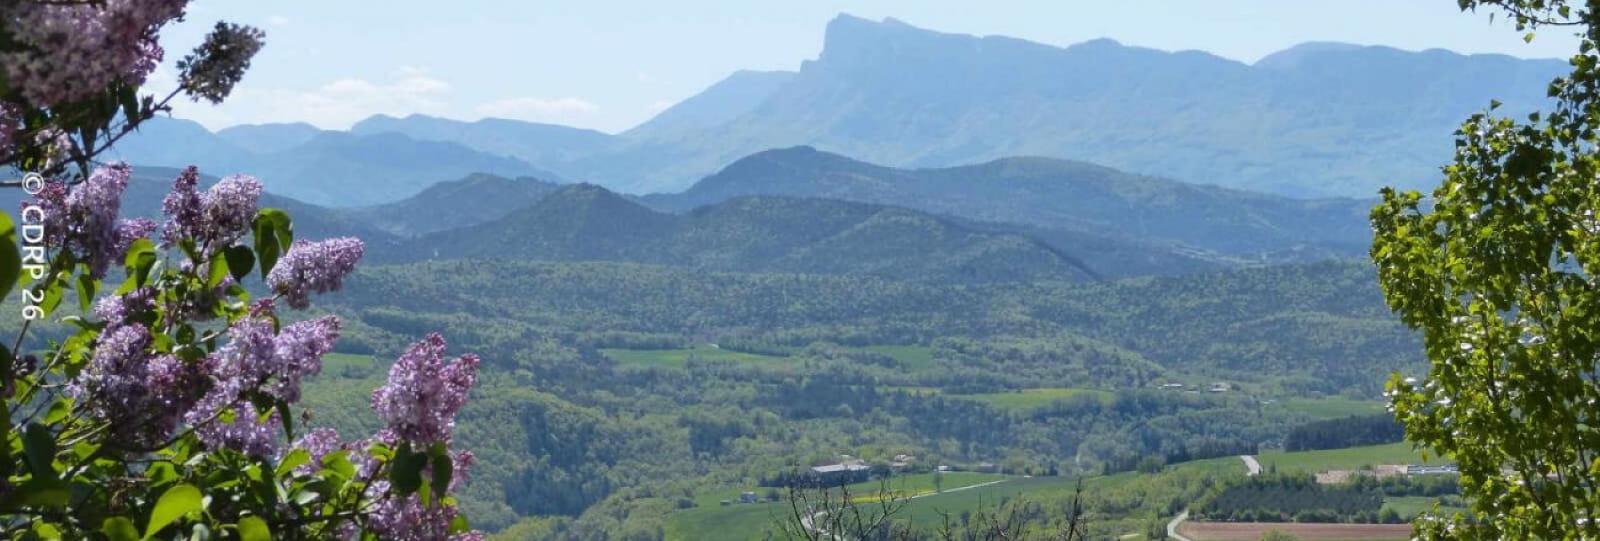 La Montagne de Lozeron